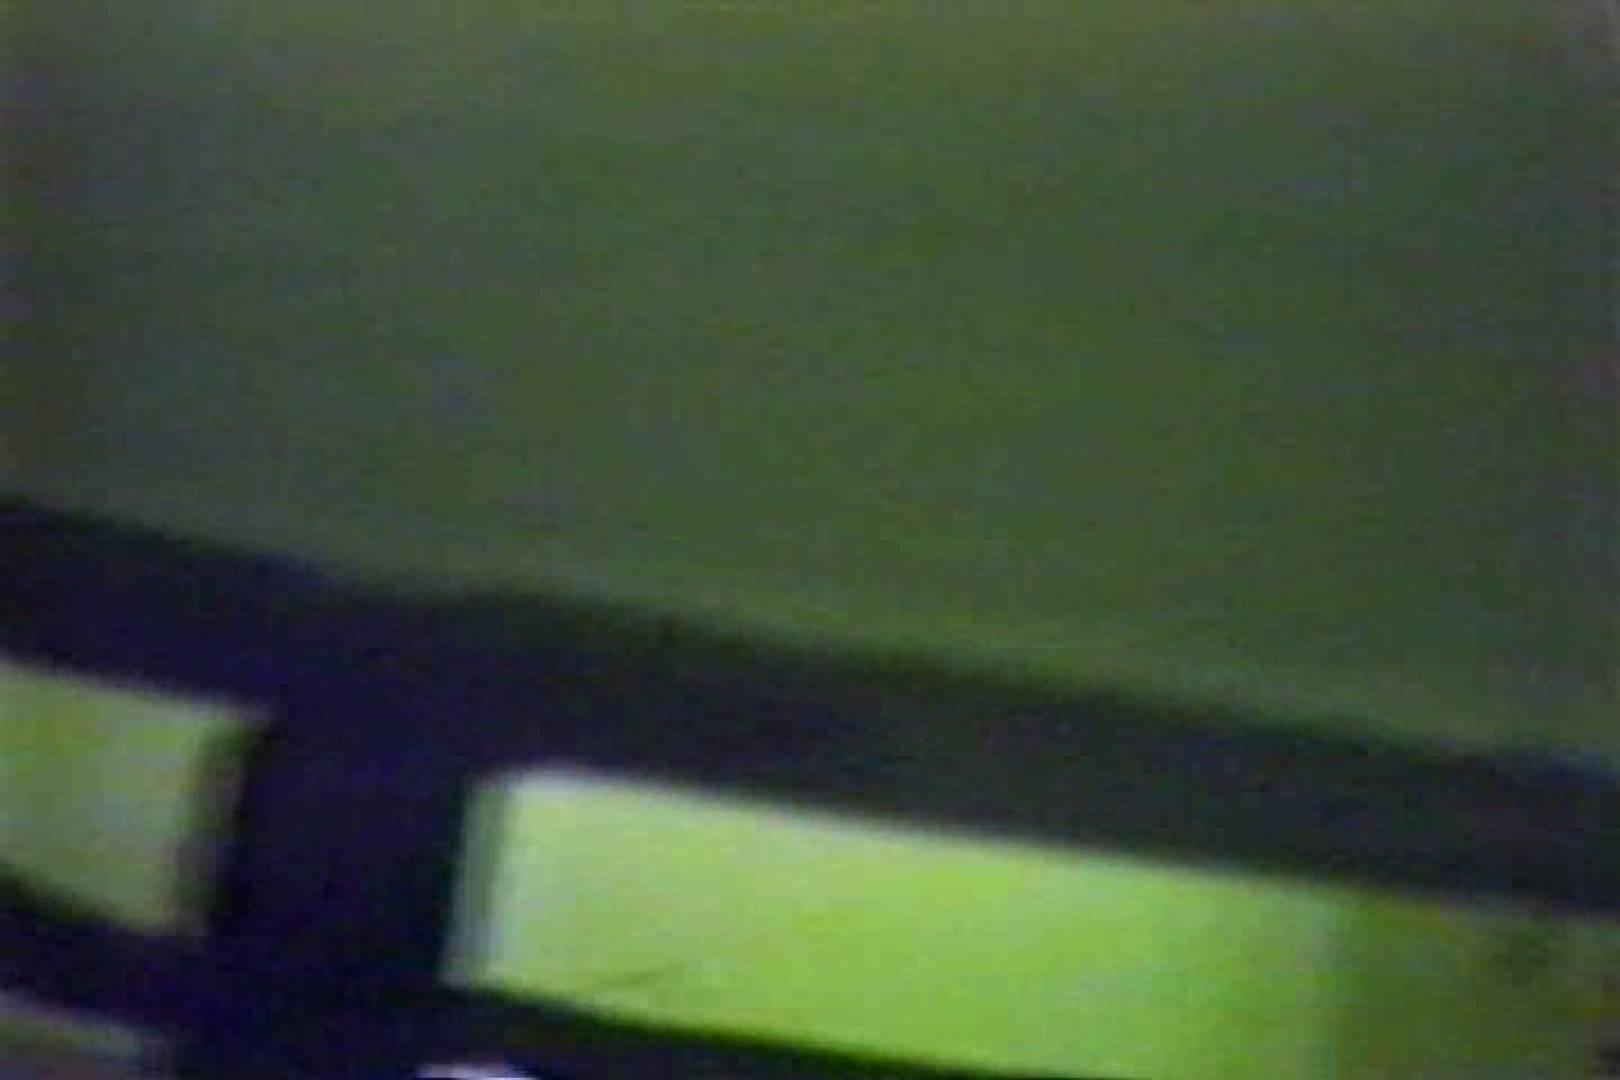 個室狂いのマニア映像Vol.1 おまんこ丸出し えろ無修正画像 78連発 59